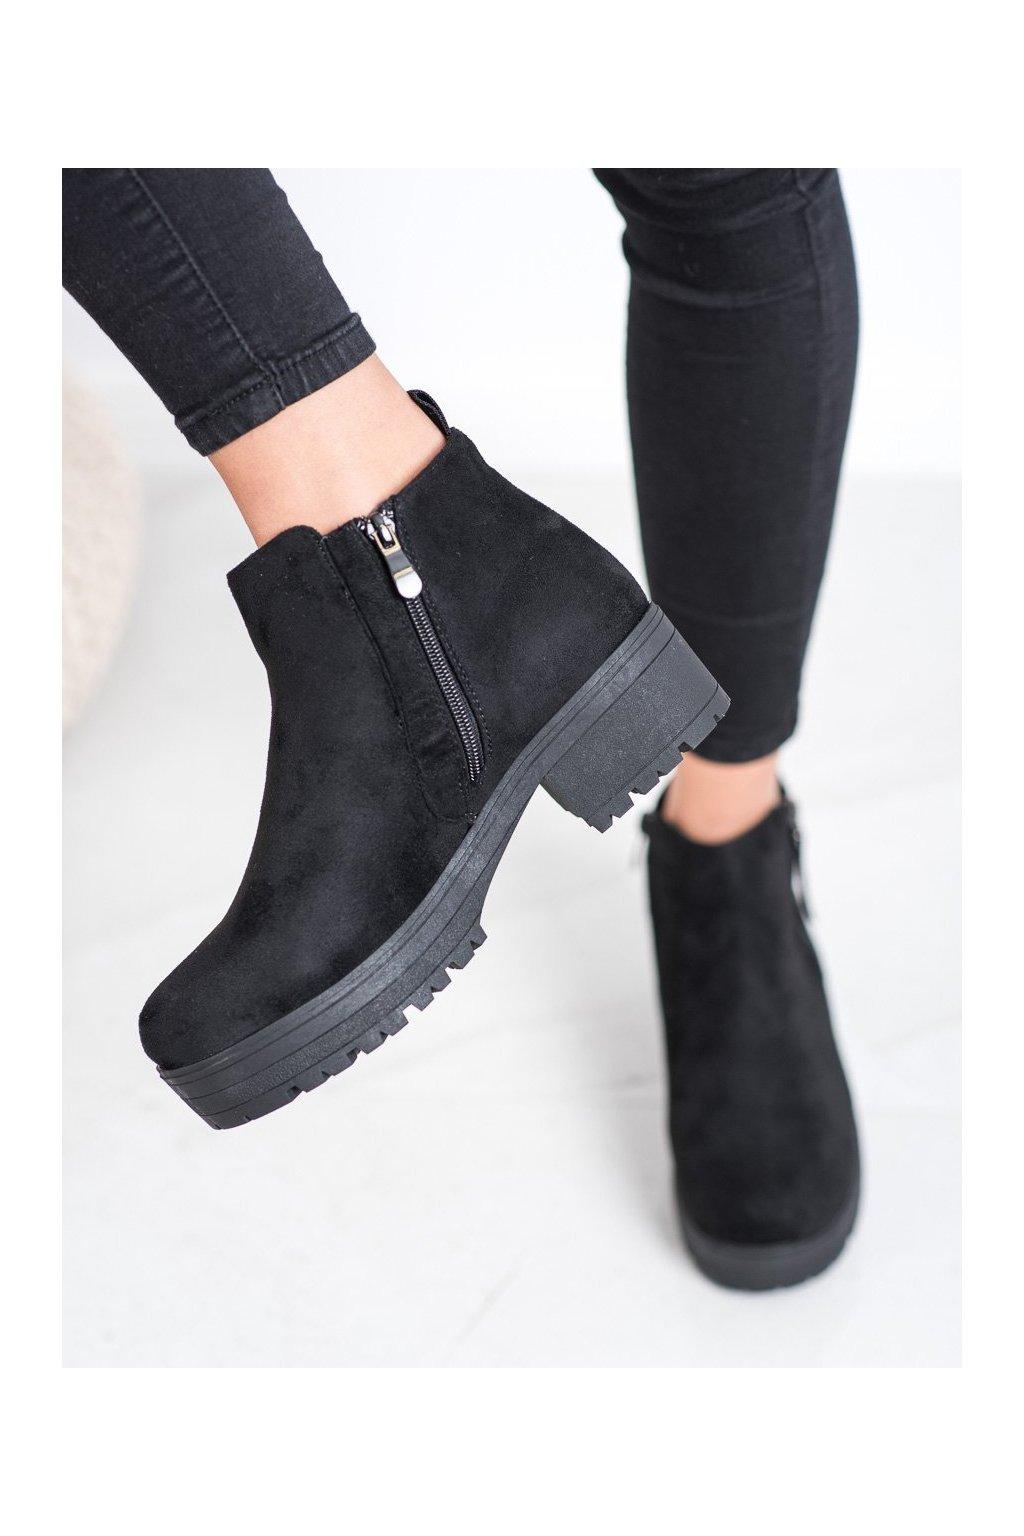 Čierne dámske topánky Clowse kod 9B1052B